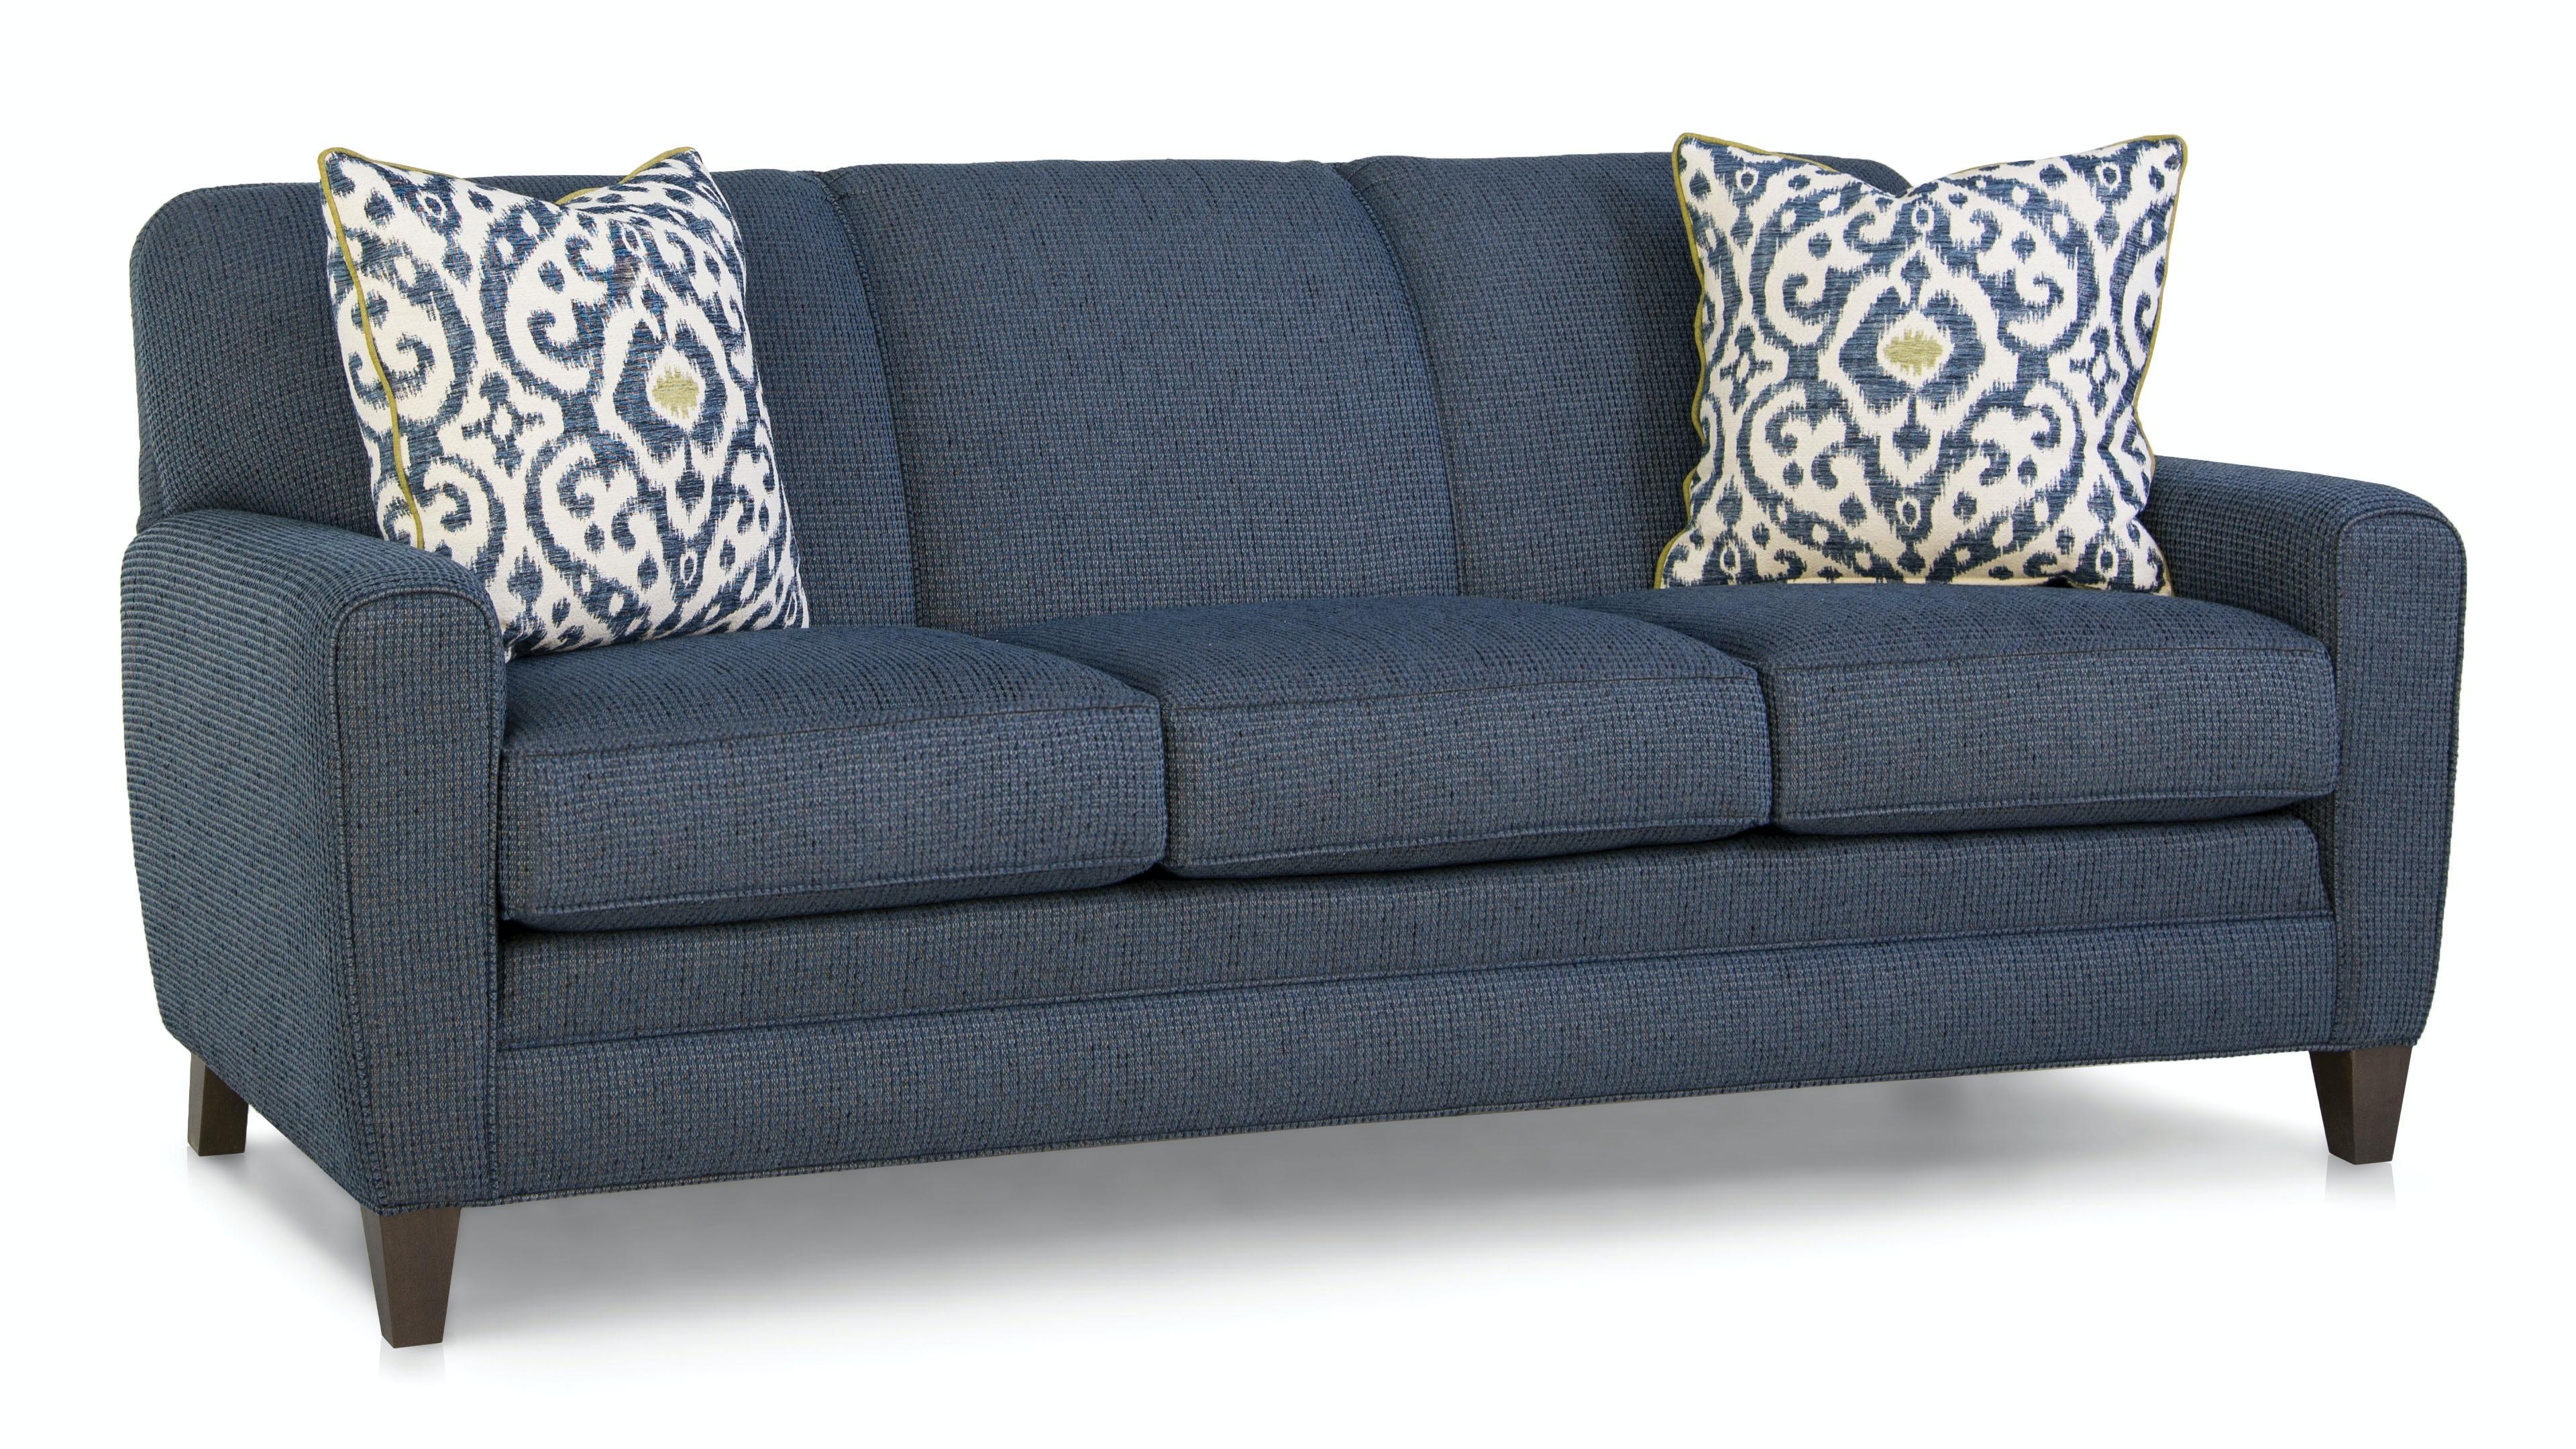 Charmant 225 10. Sofa